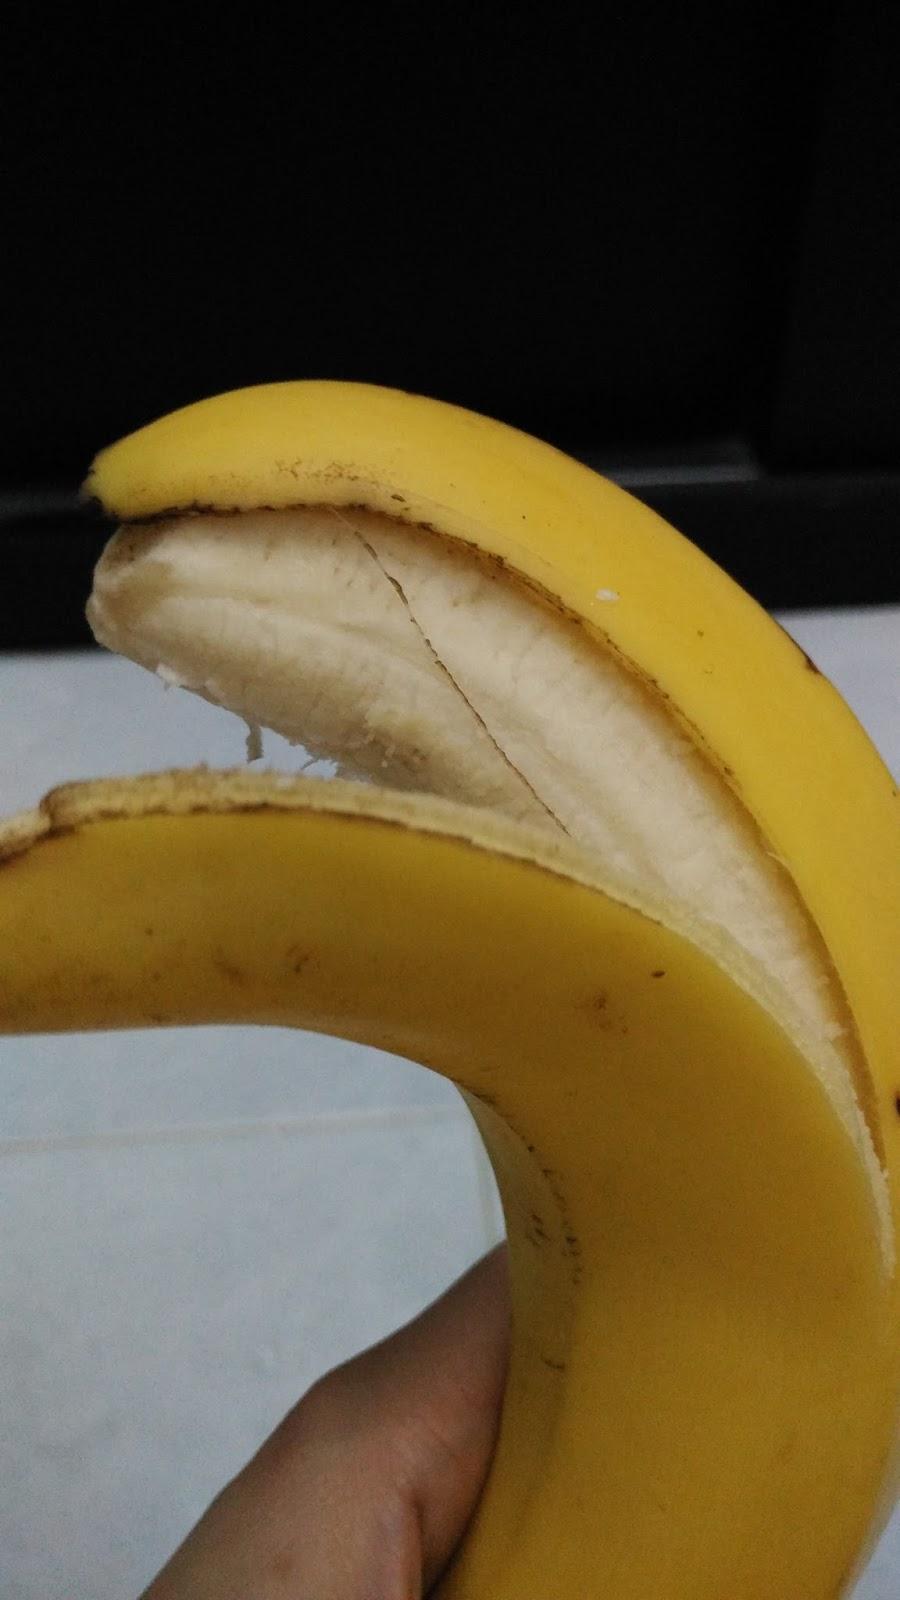 manfaat pisang cavendish untuk diet